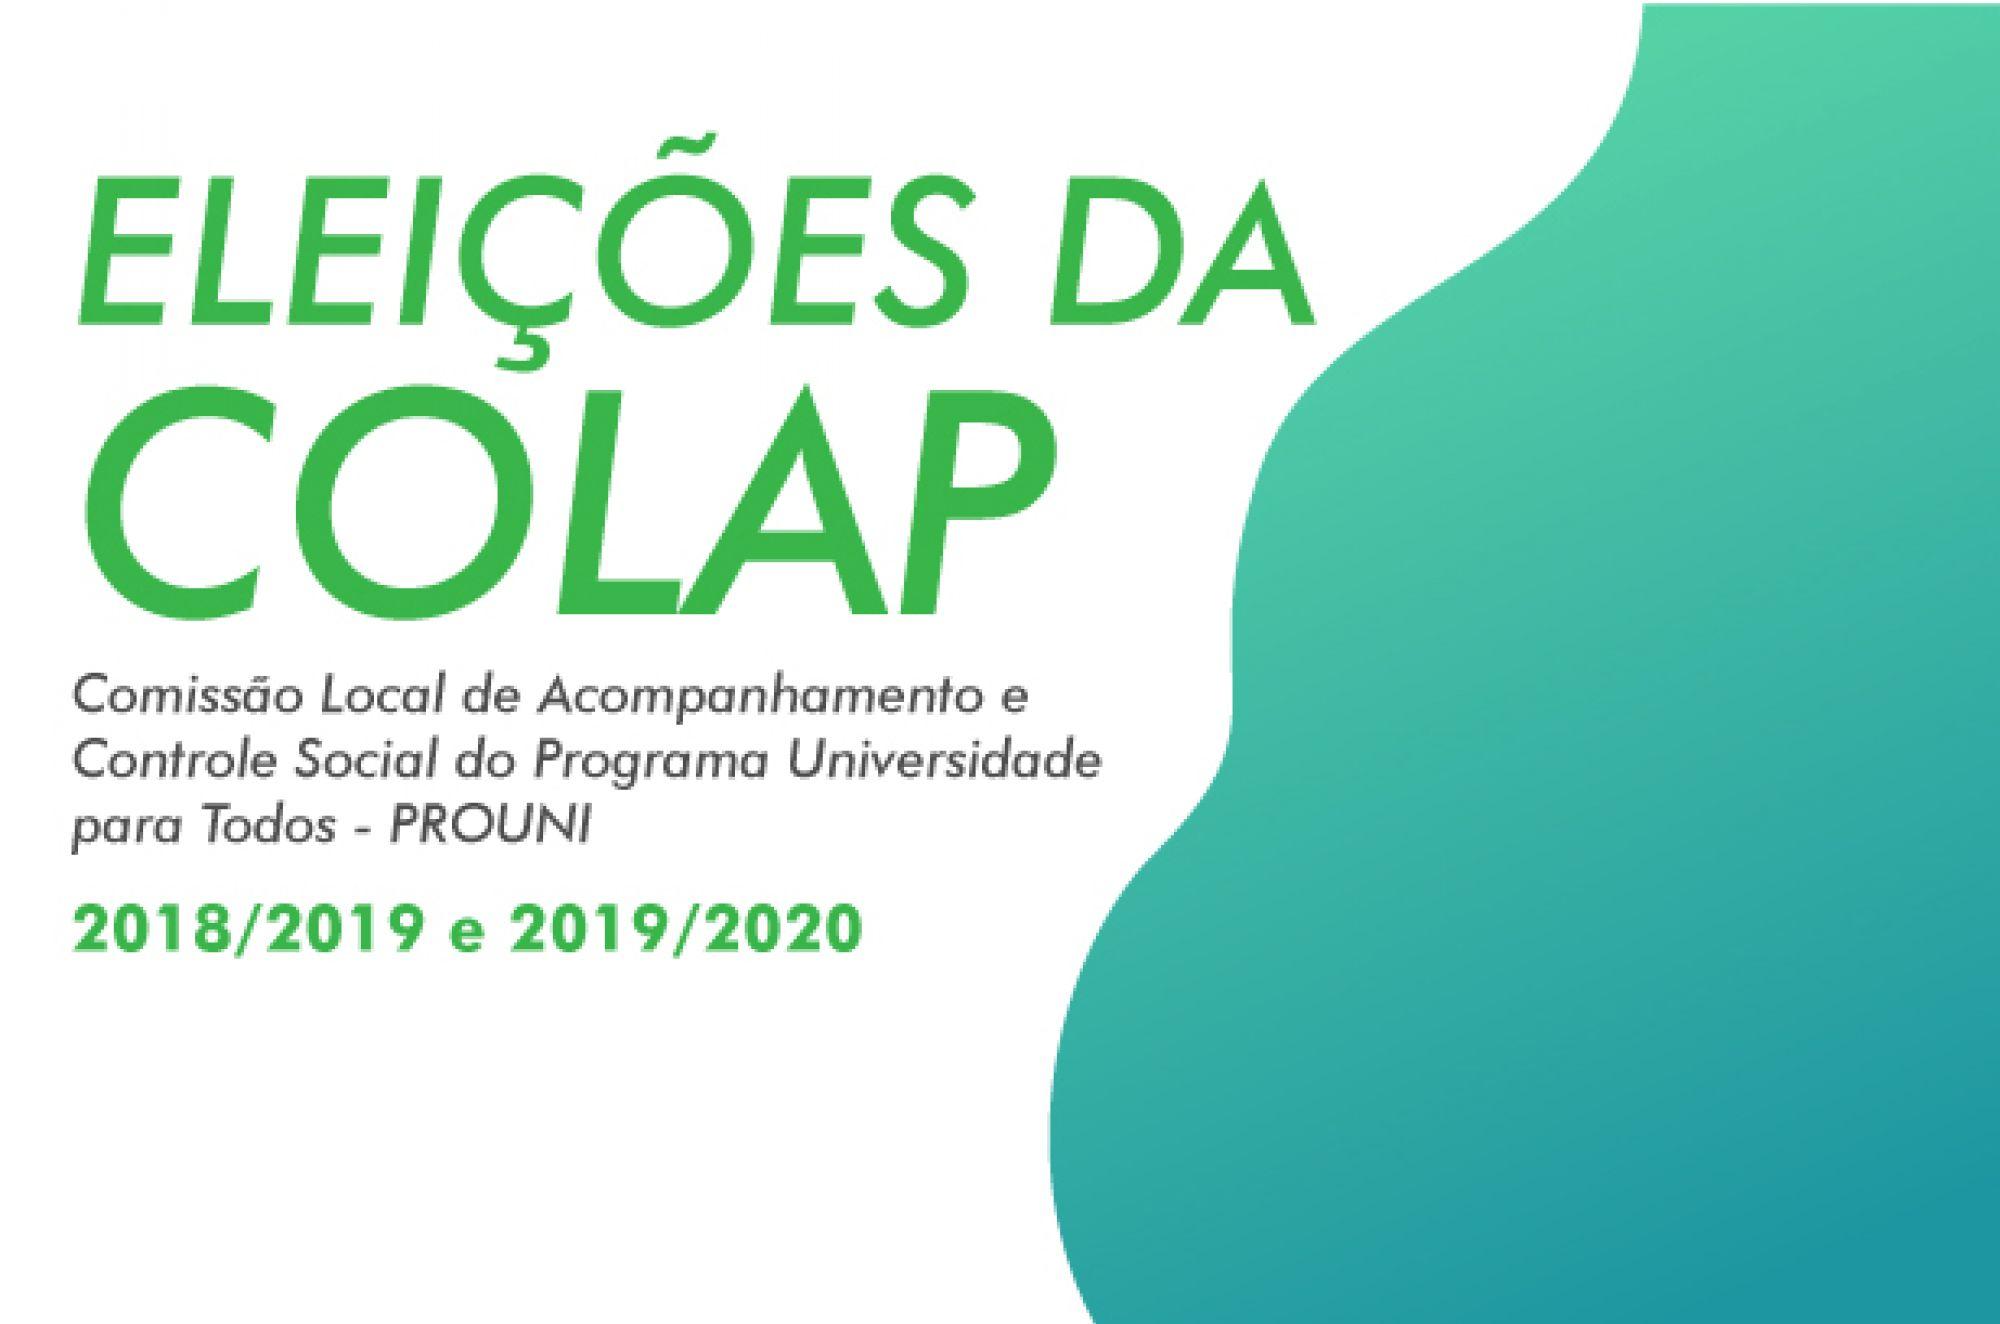 Eleições da COLAP - 2018/2019-2019/2020